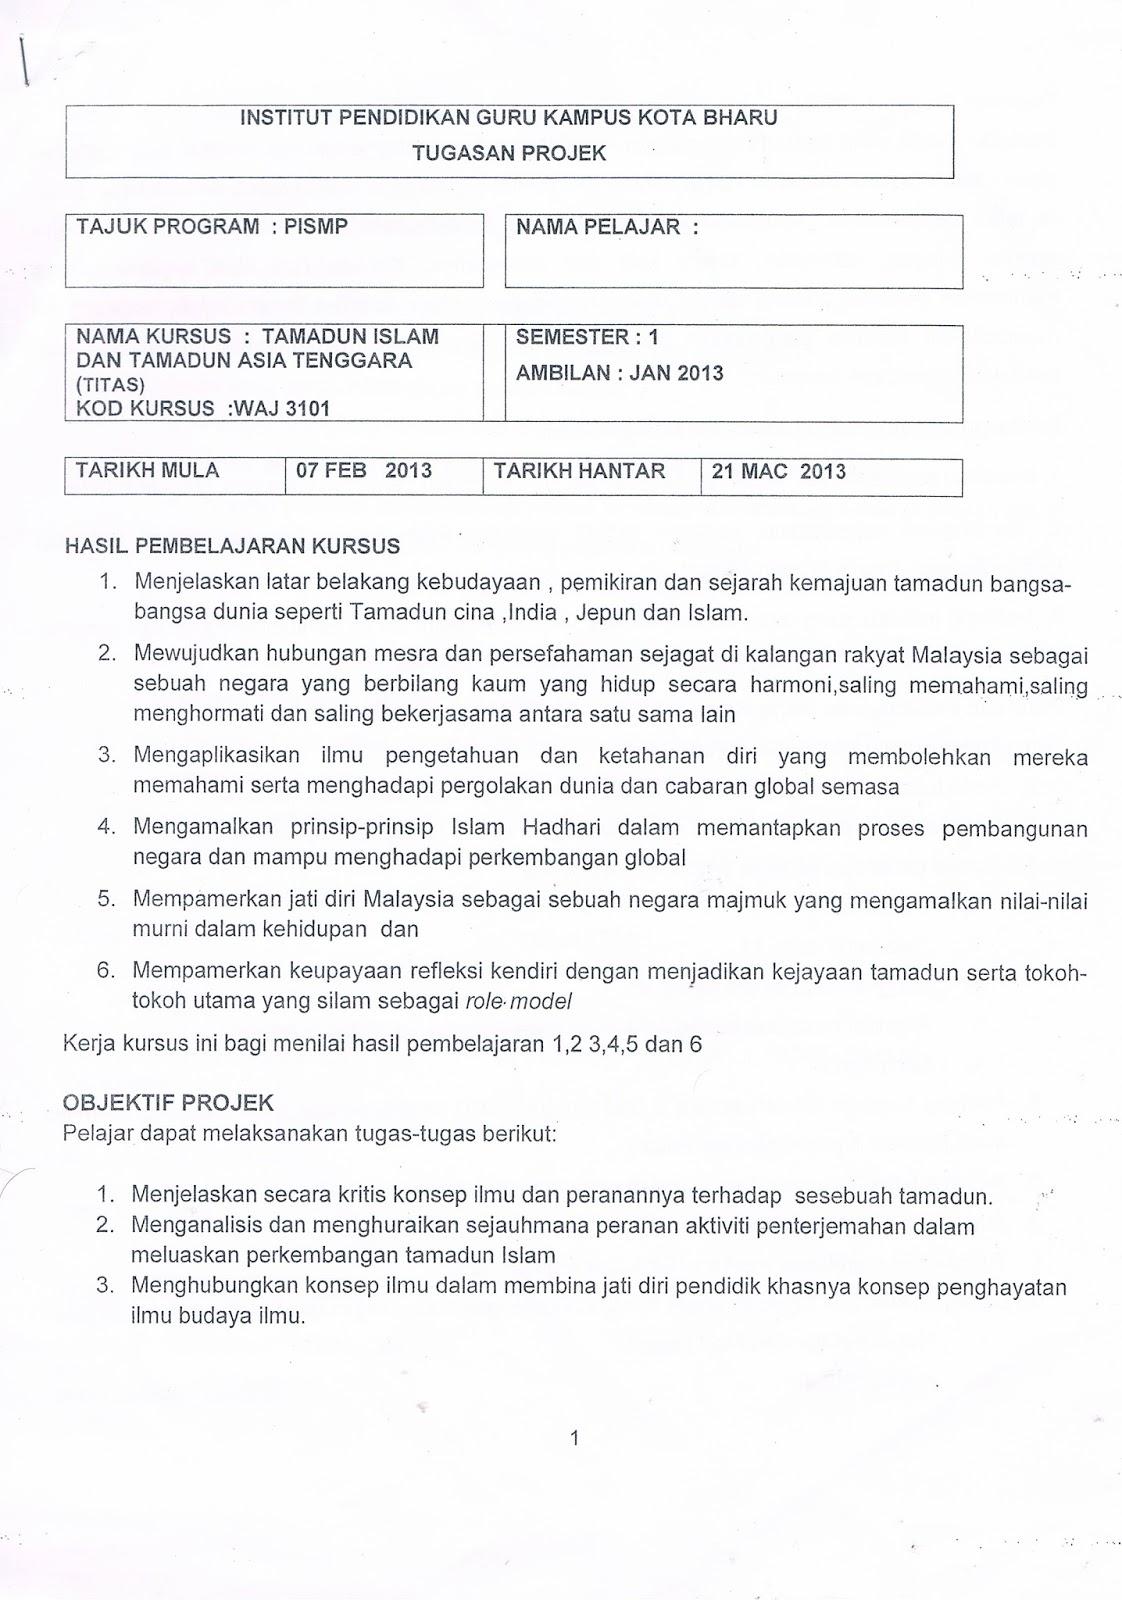 pendahuluan tamadun islam uitm Terdapat banyak faktor yang mendorong kepada pembinaan tamadun malaysia berdasarkan kepada tamadun islam pusat pemikiran dan kefahaman islam, universiti teknologi mara, cawangan melaka 2 abdul rahman rukaini (1980) nota ringkas mengenai islam di alam melayu dalam islam di malaysia.